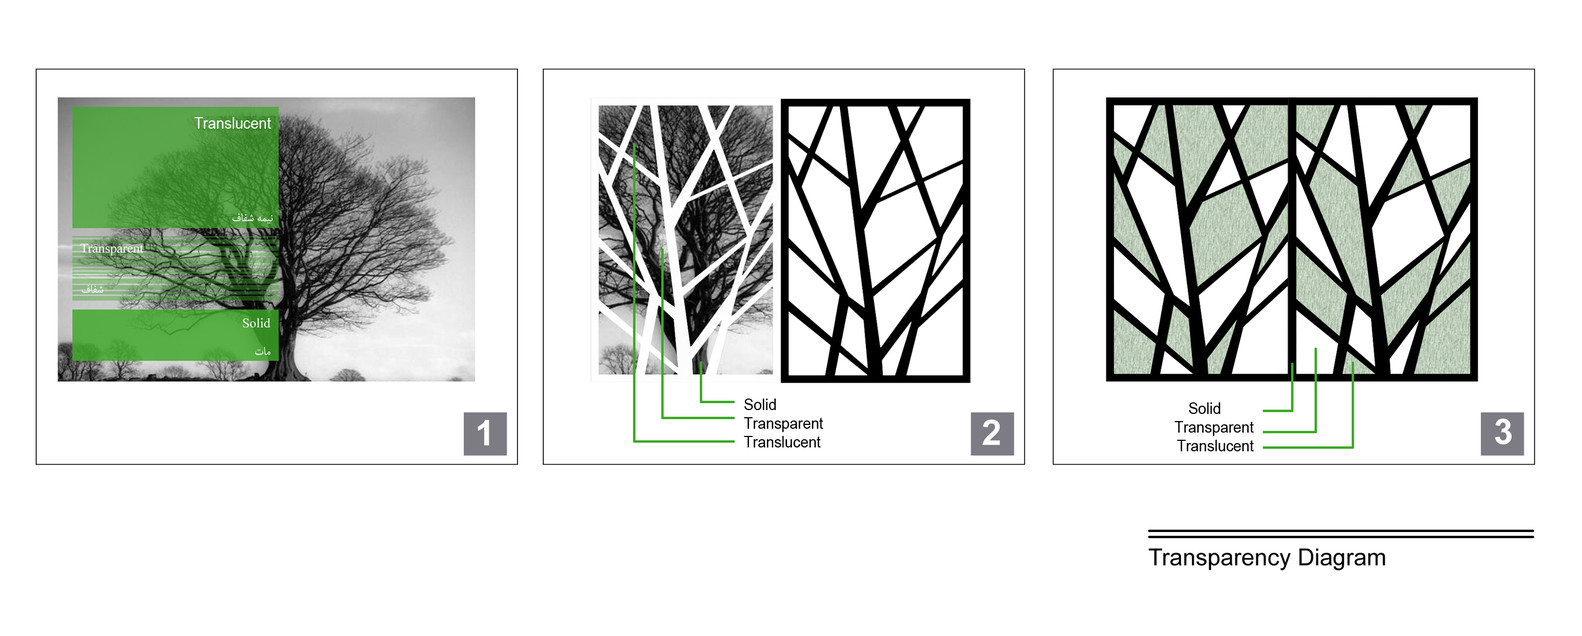 Taller de dise o iv arquitectura up for El concepto de arquitectura